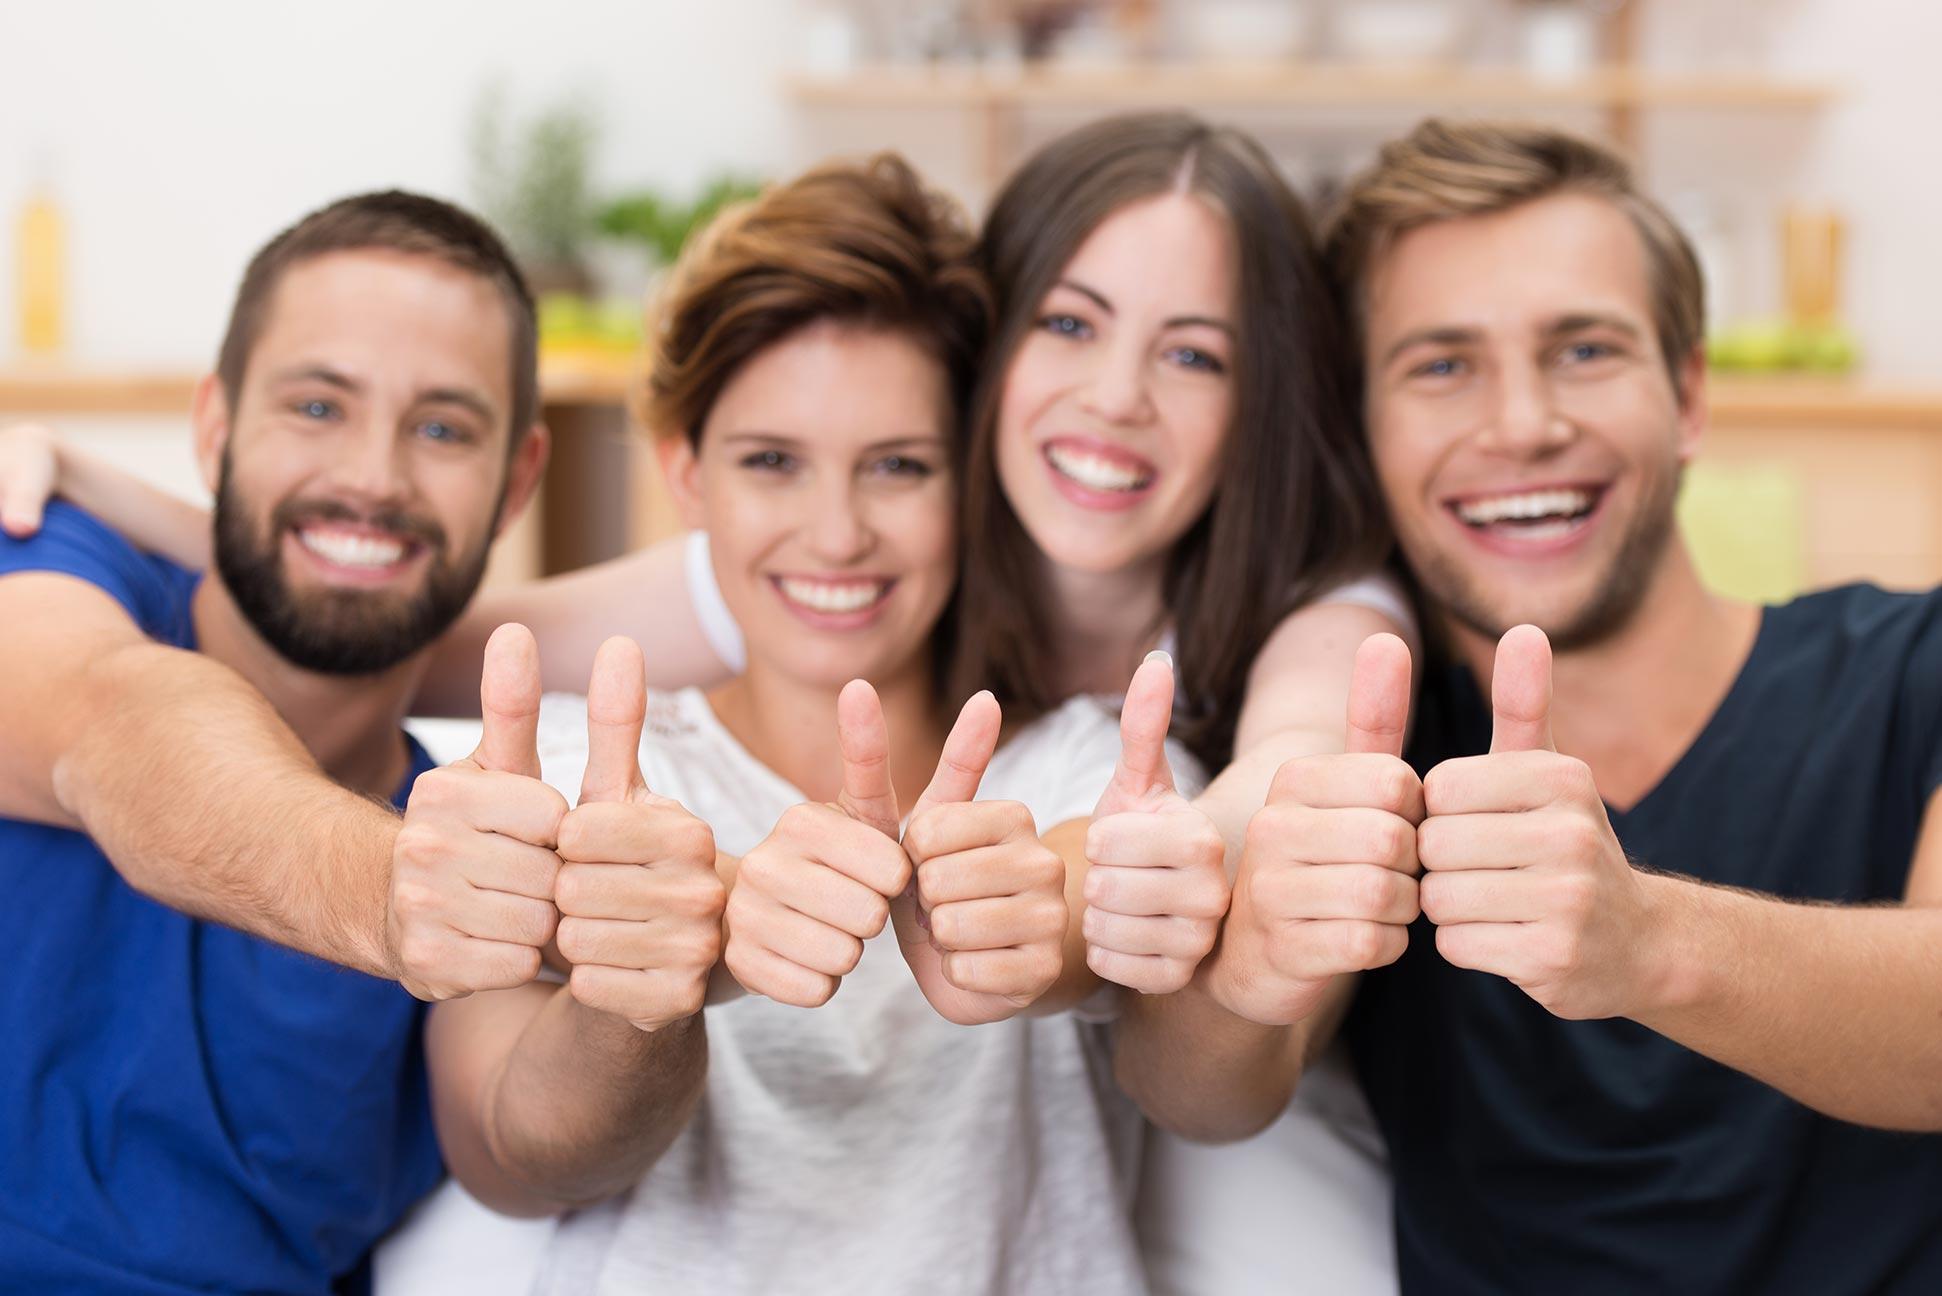 улыбающиеся люди фото нашей подборке найдете